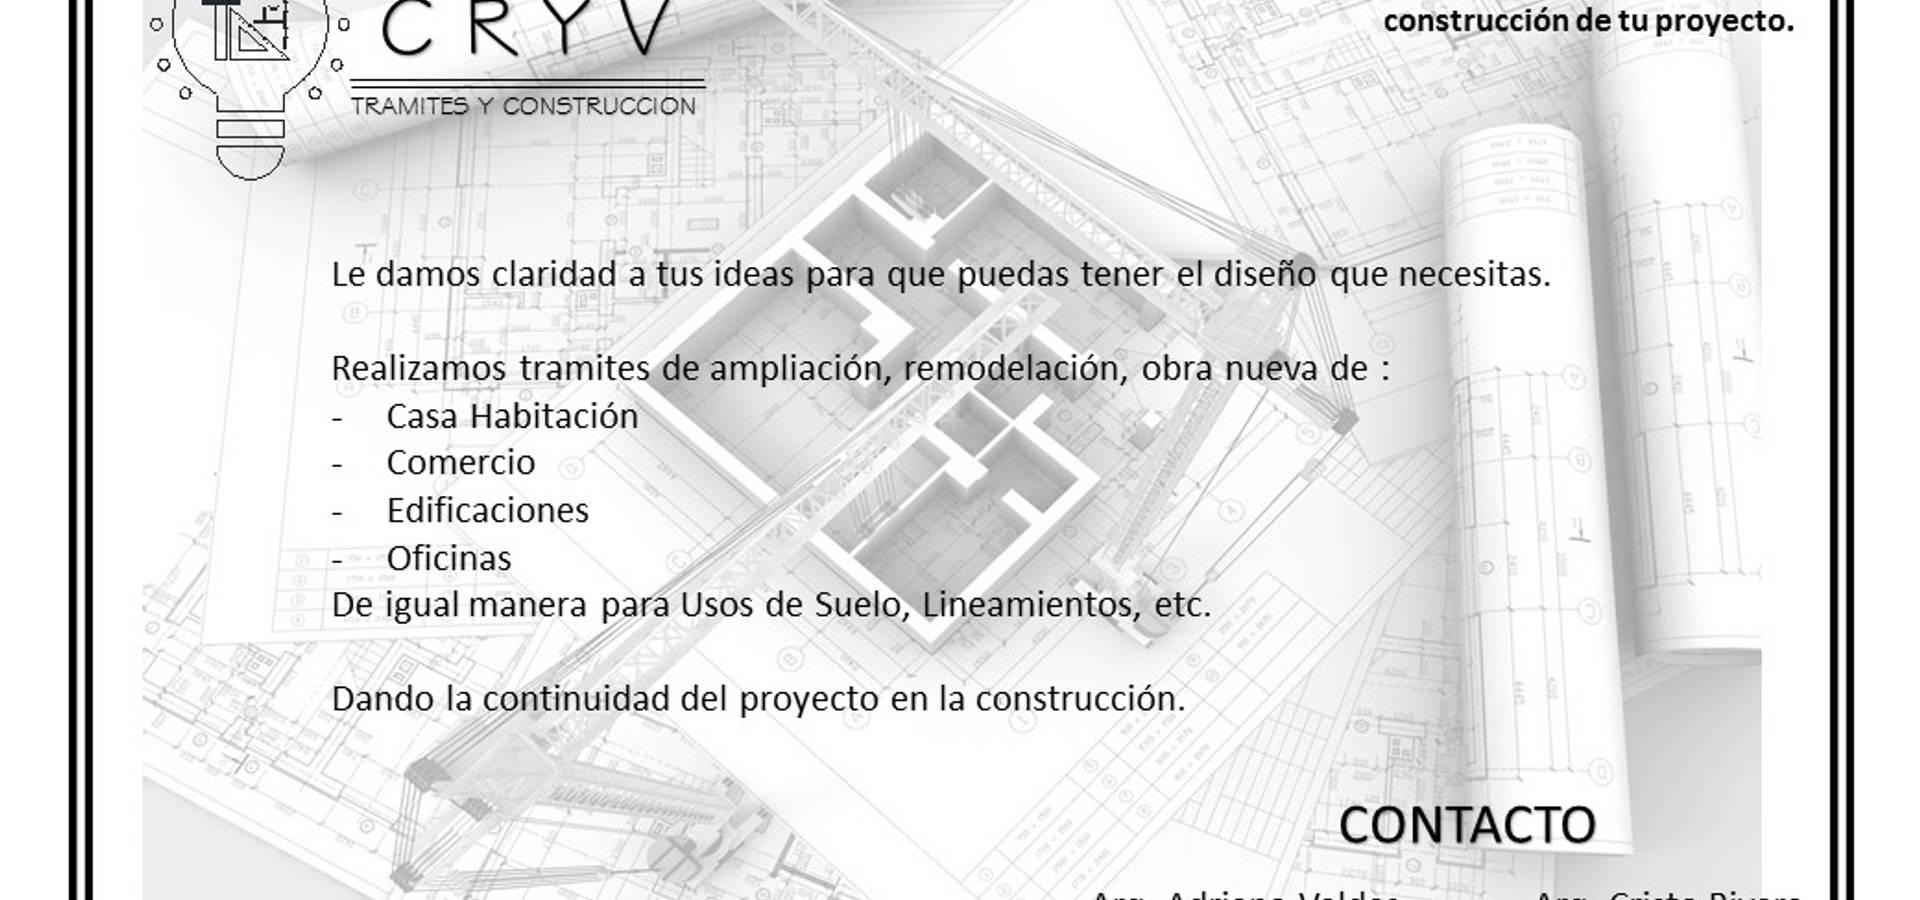 CRYV Proyectos y Construccion